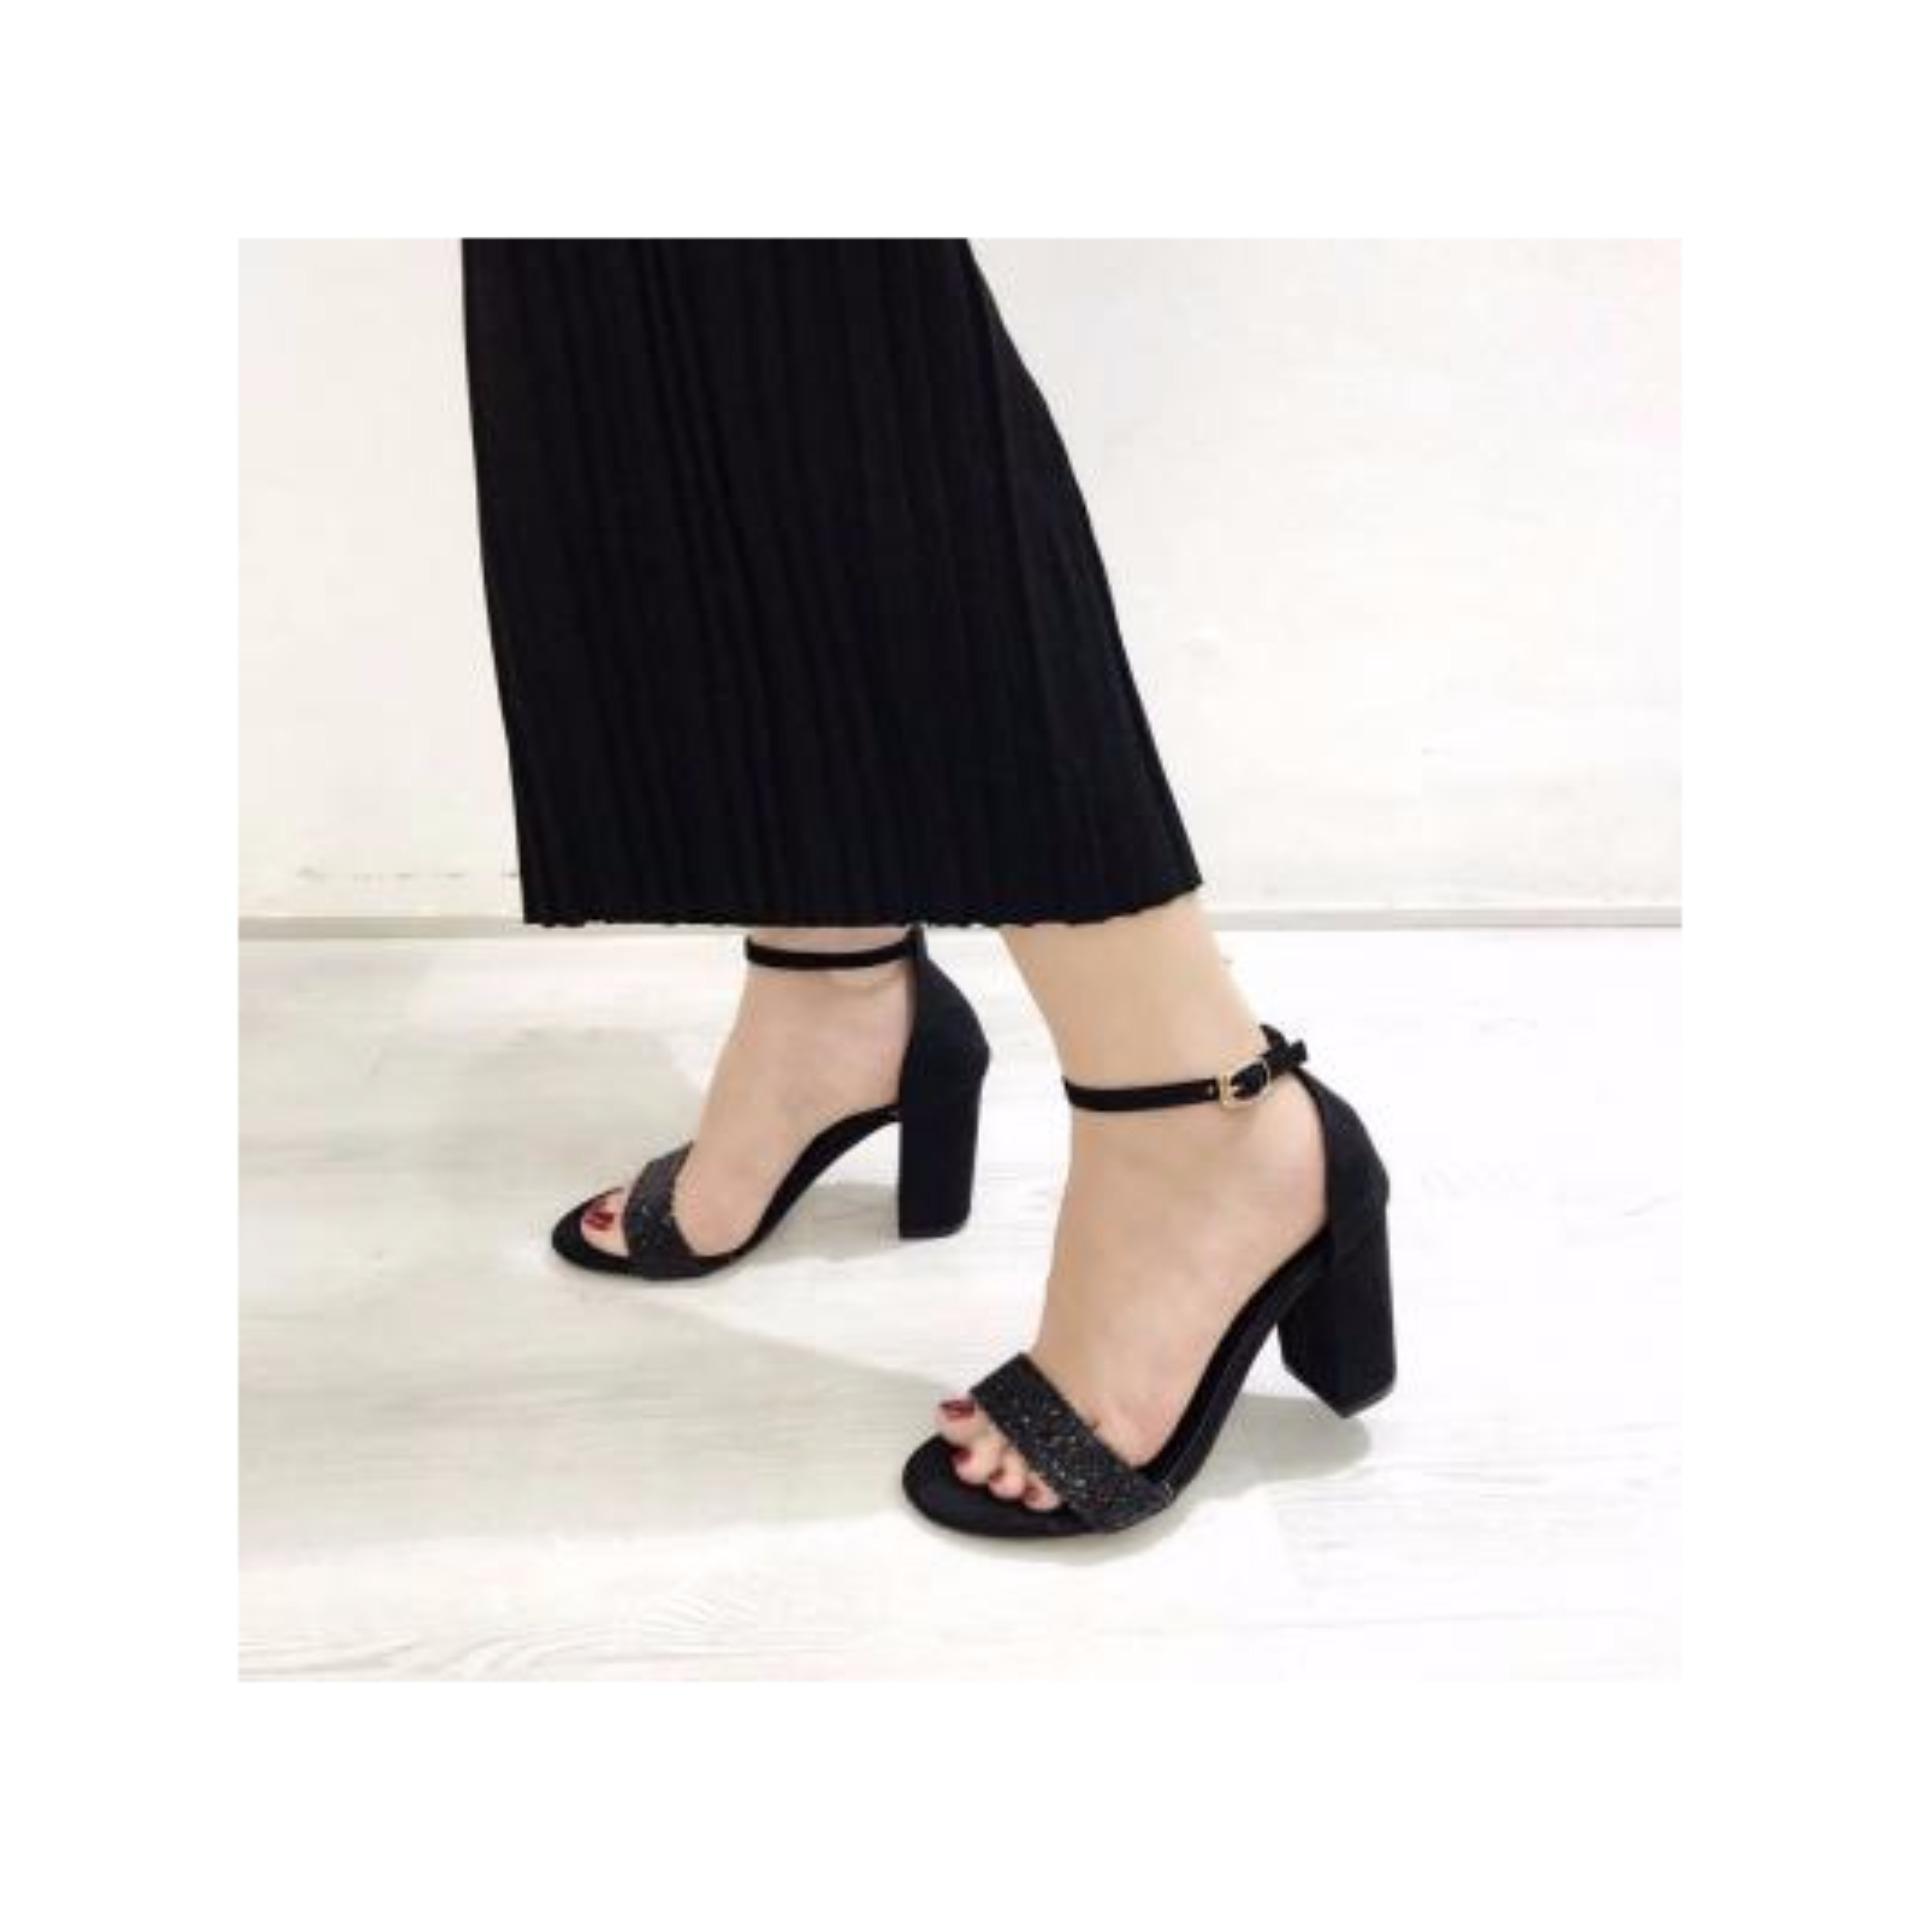 Giày sandal quai ngang 7p kim tuyến – Đen